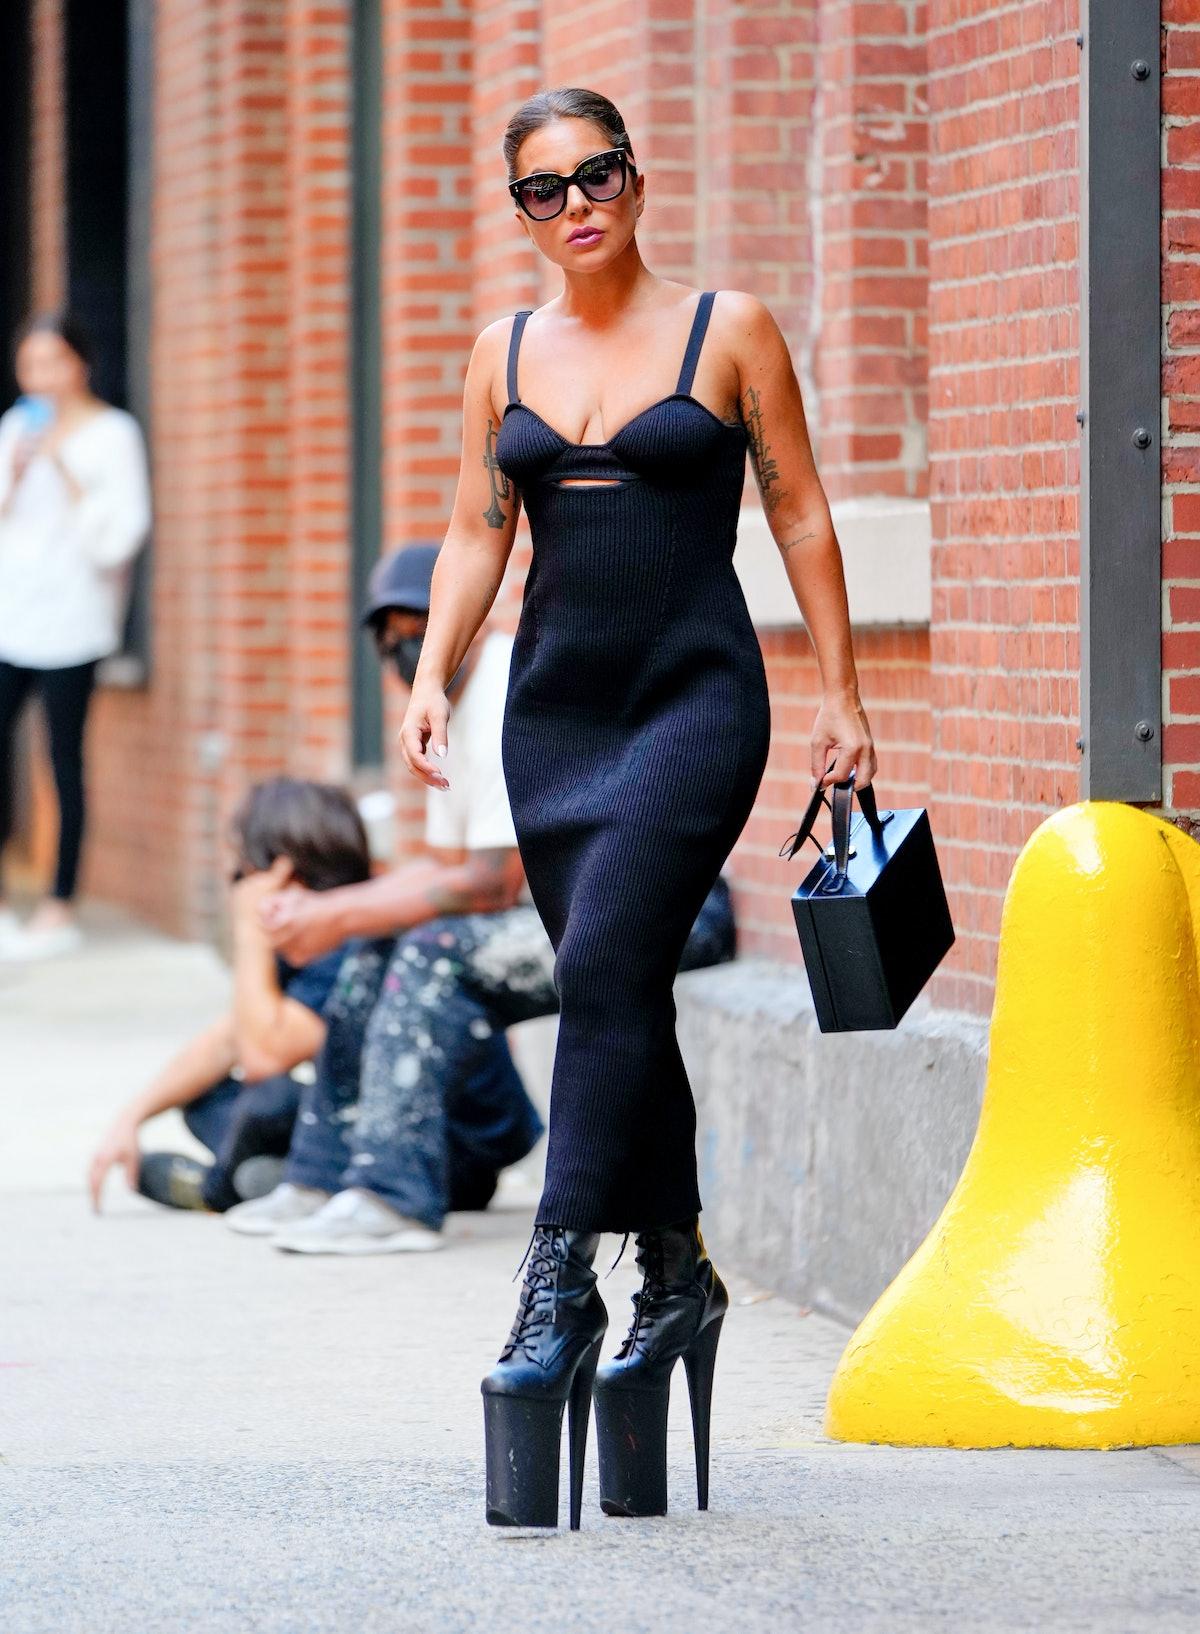 Lady Gaga wearing towering platform stilettos